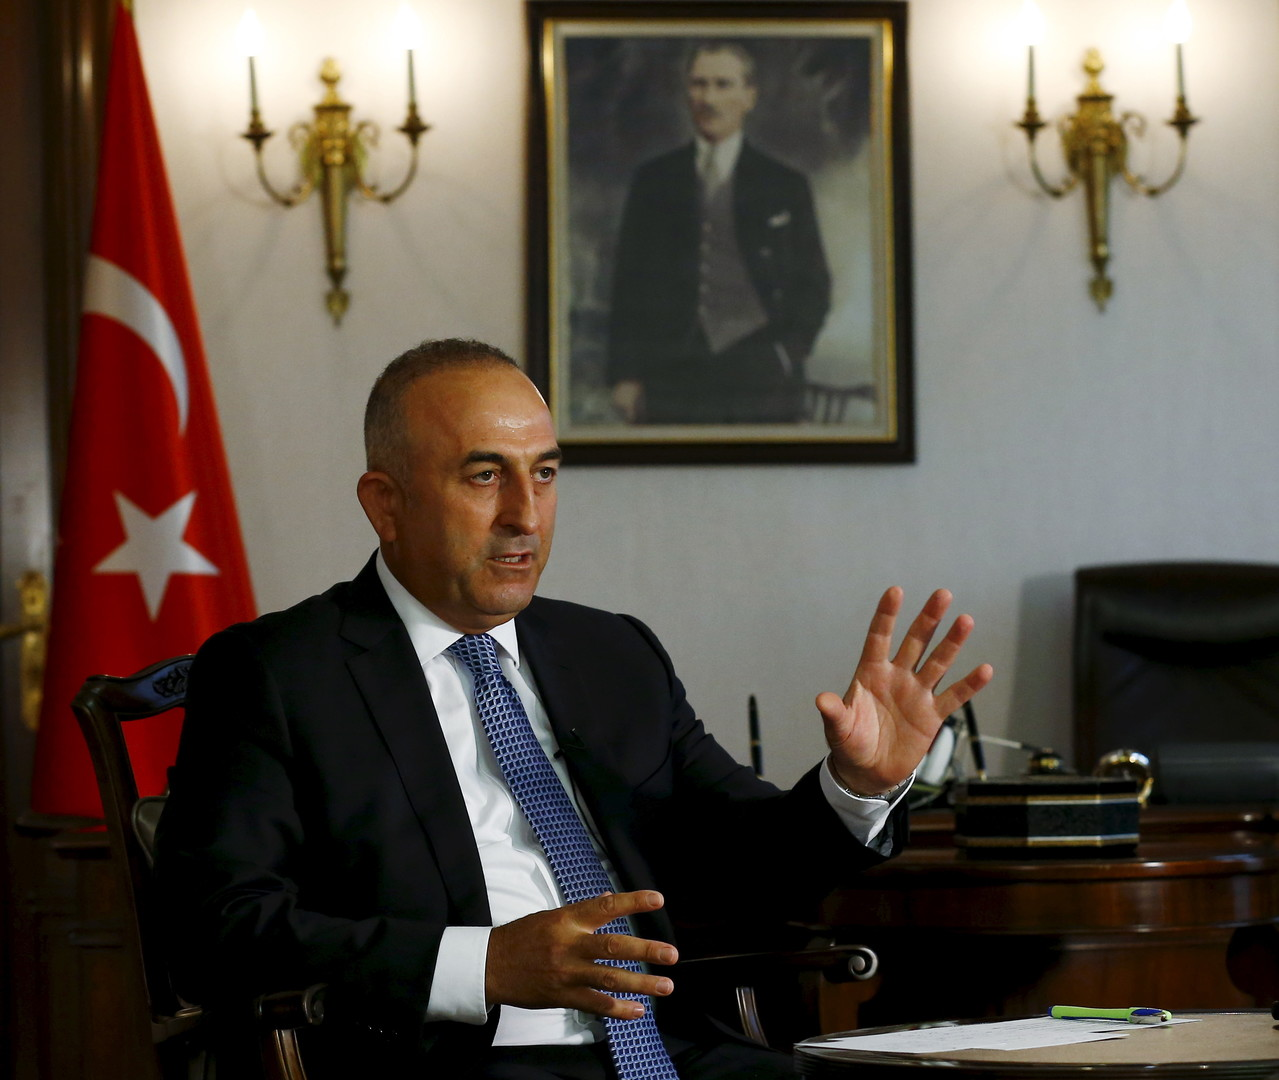 Или отмена виз, или мигранты: глава МИД Турции поставил ЕС перед выбором